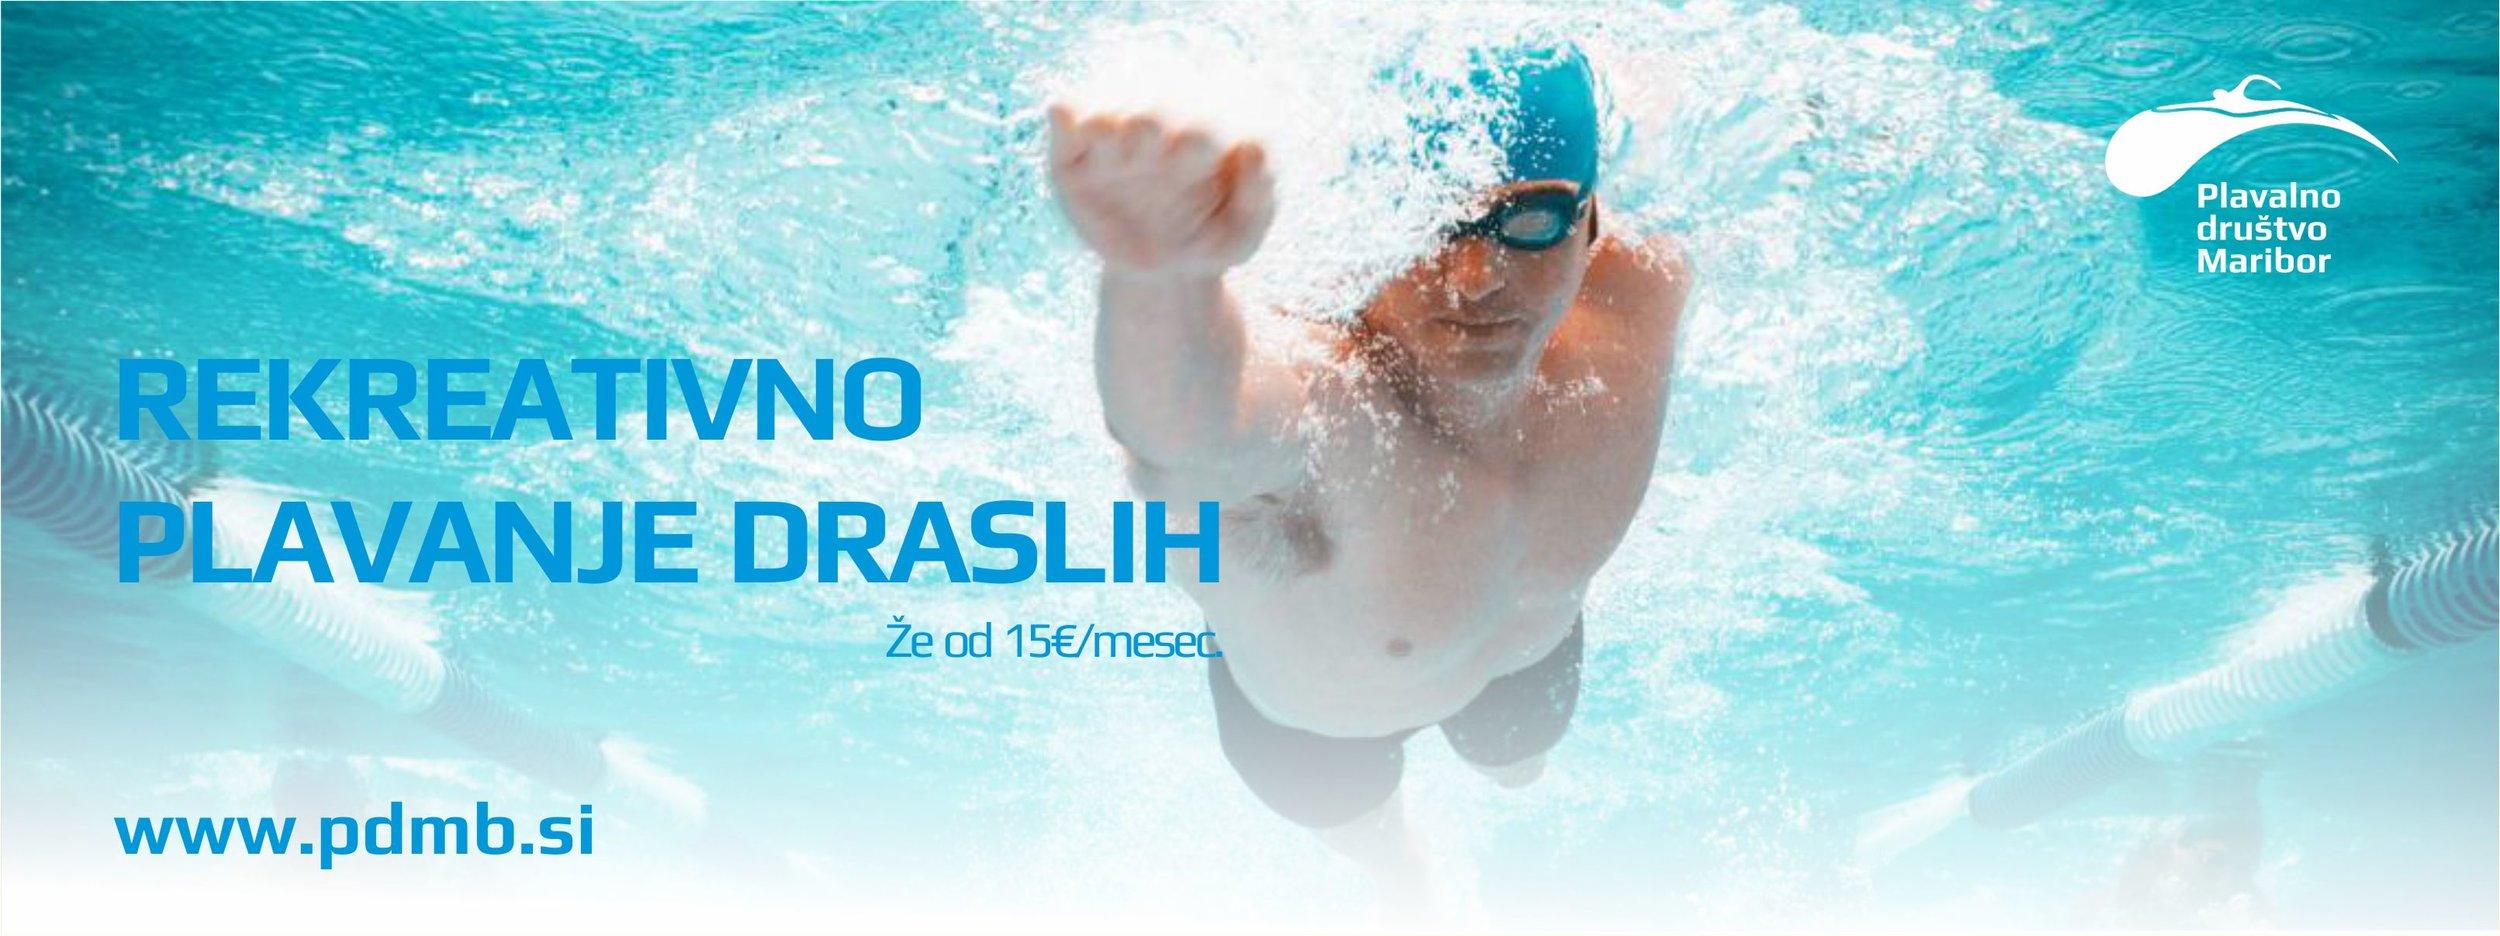 Plavanje odrasli FB banner 851x314 FB naslovni(1).jpg